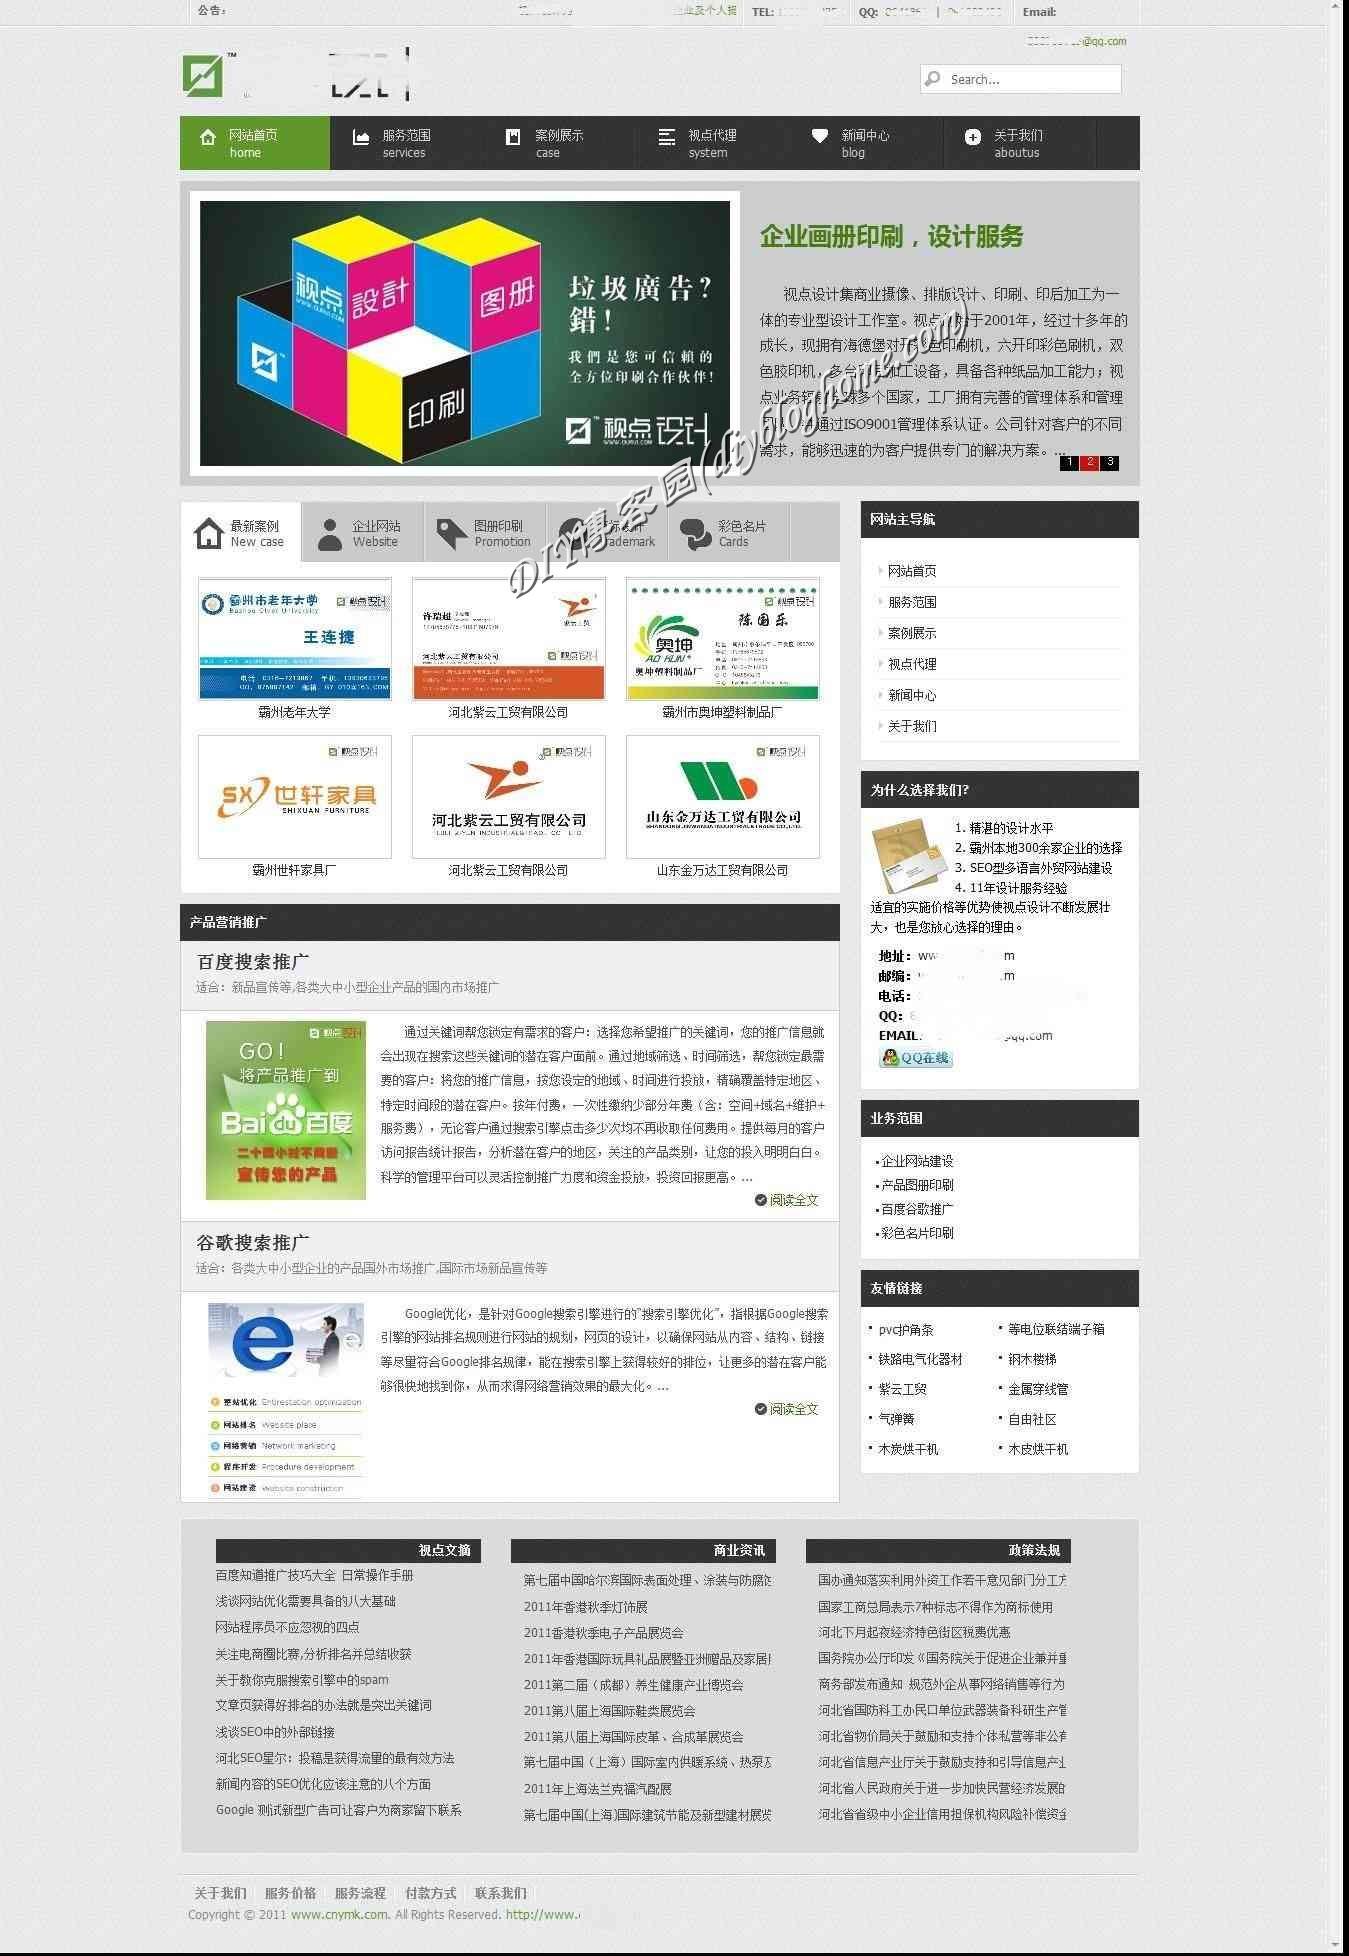 极品设计公司网站 视点设计asp源码